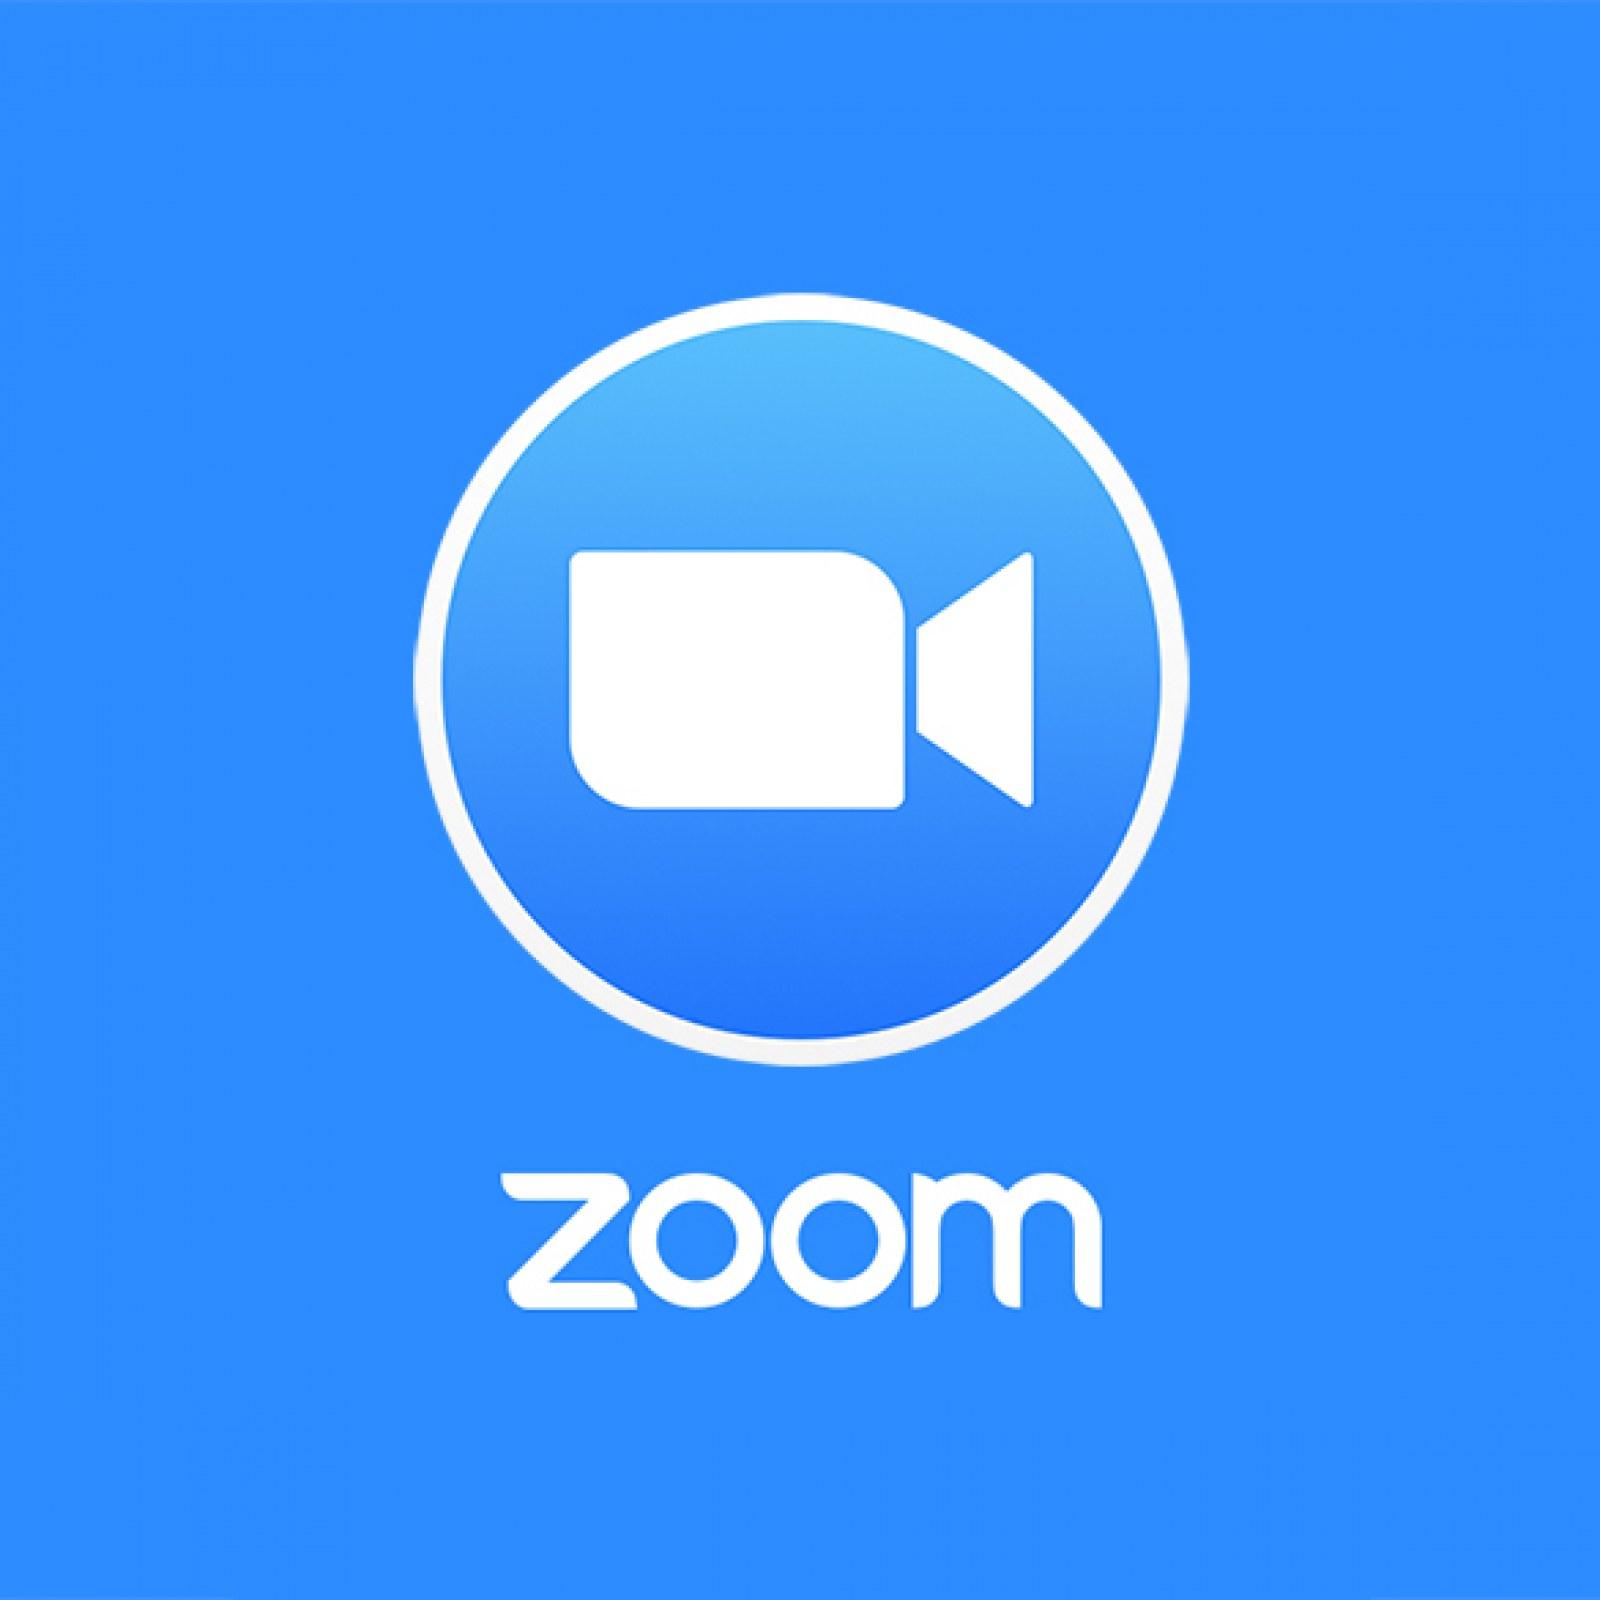 Zoom: apa kesan kepada anda?